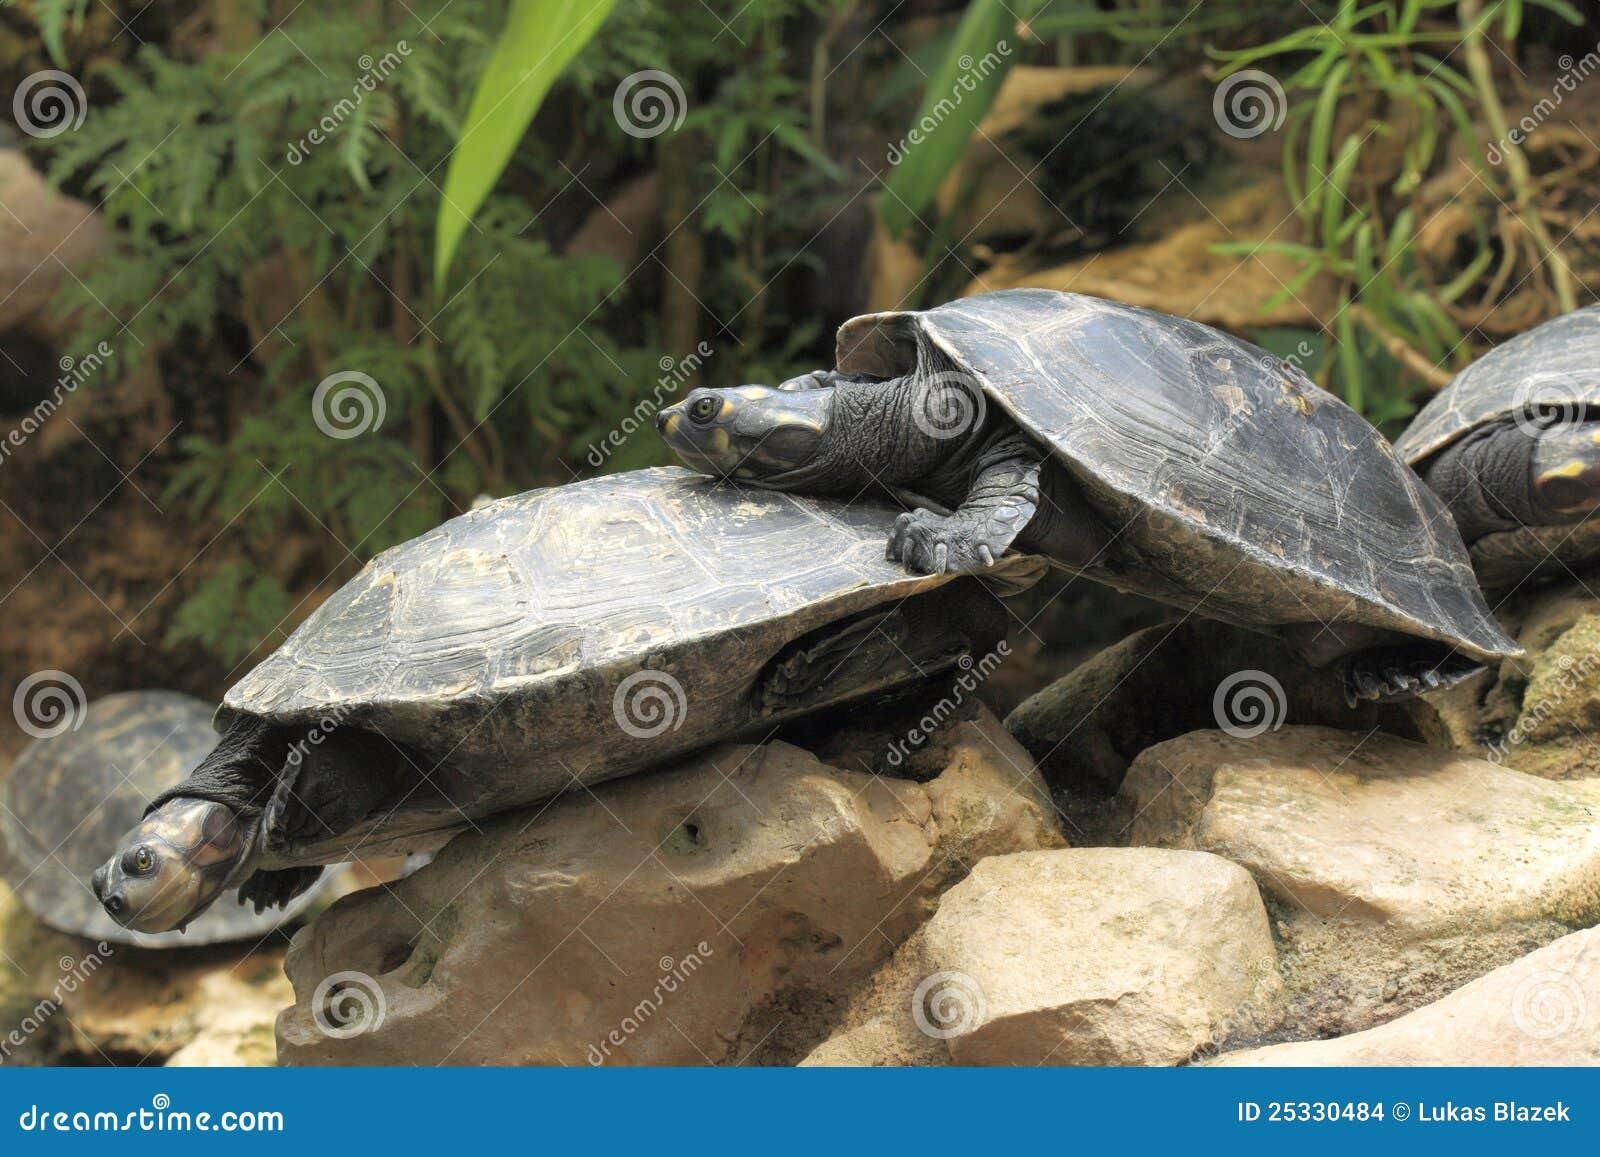 Färben Sie Beschmutzte Amazonas-Schildkröte Gelb Stockfoto - Bild ...